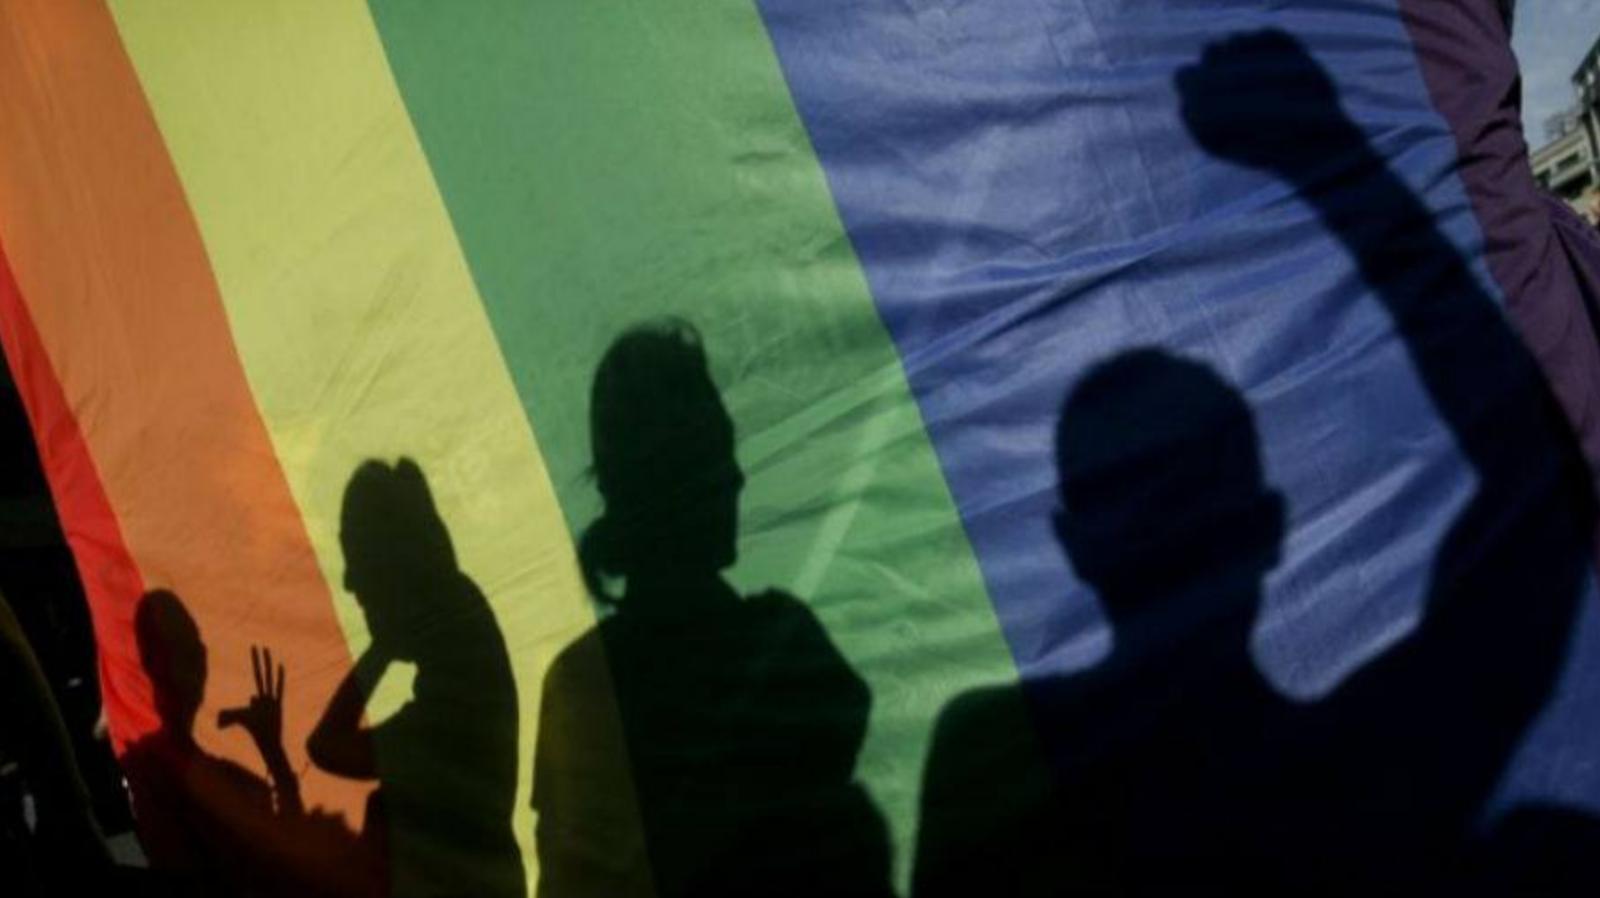 Iglesia católica de Mauricio condena bloqueo de musulmanes a un desfile LGBT